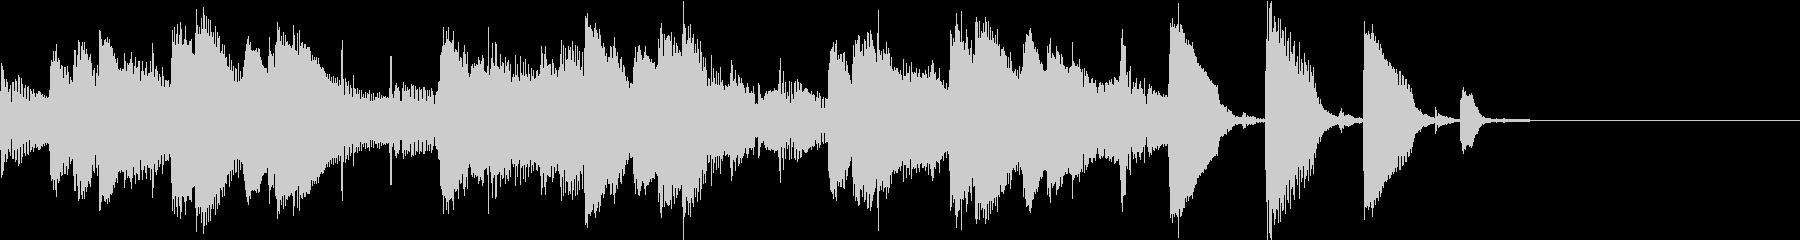 ほのぼのかわいらしいピアノトリオのBGMの未再生の波形